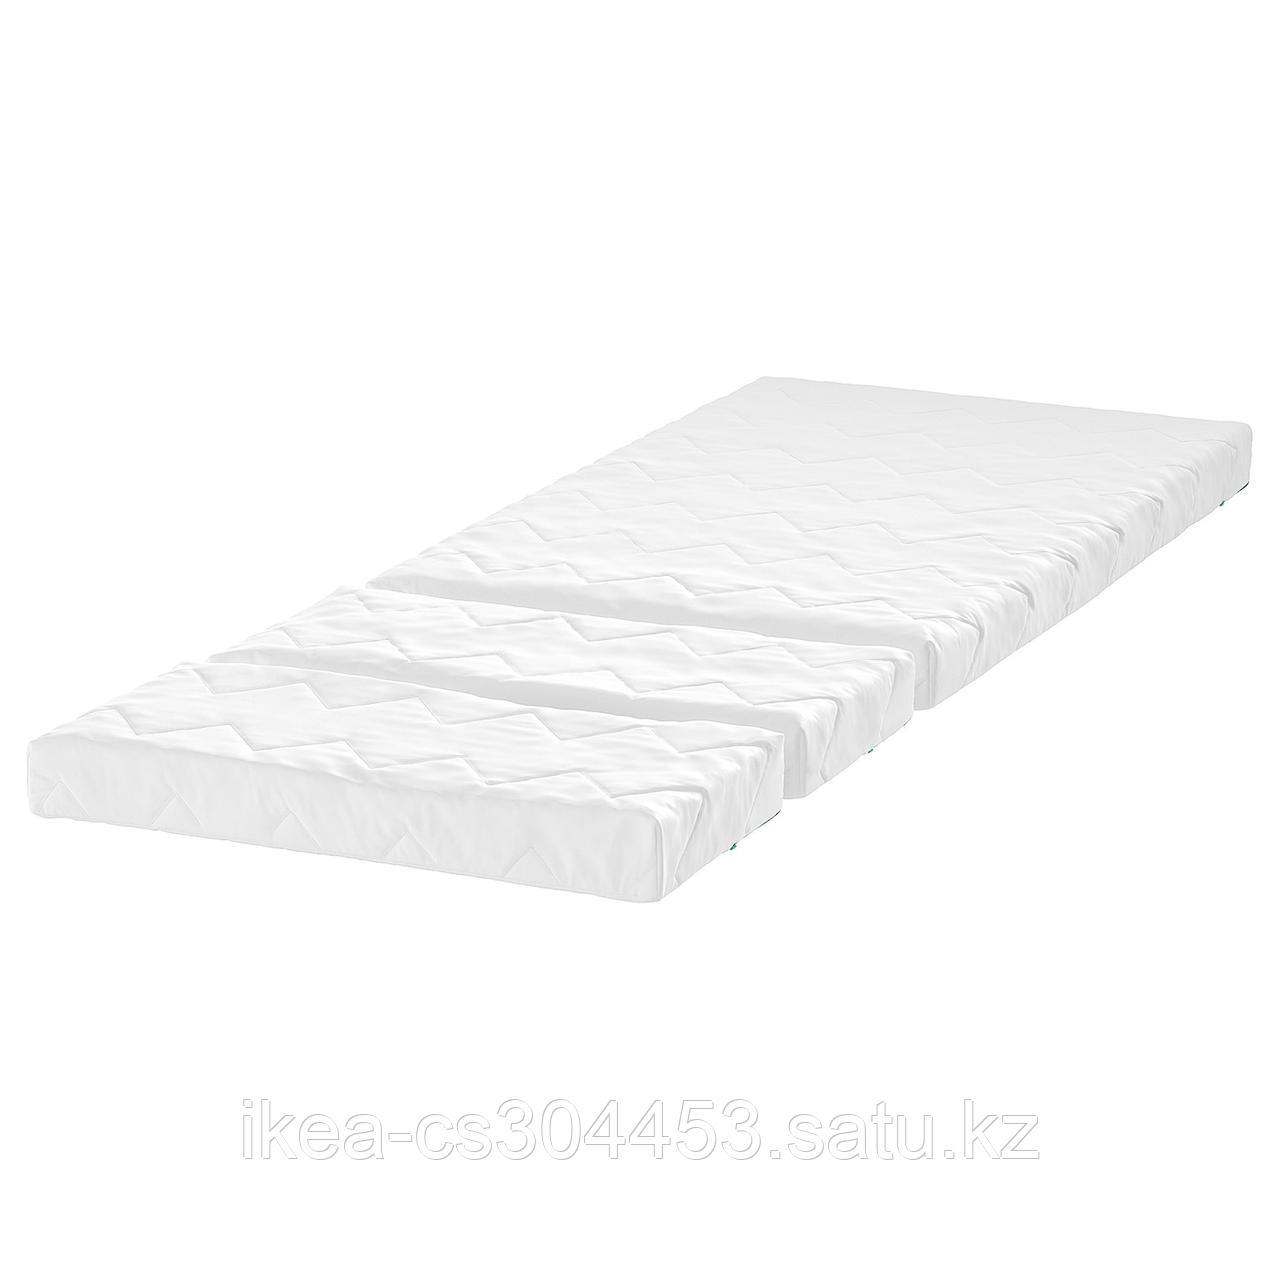 Матрасы для детских кроватей